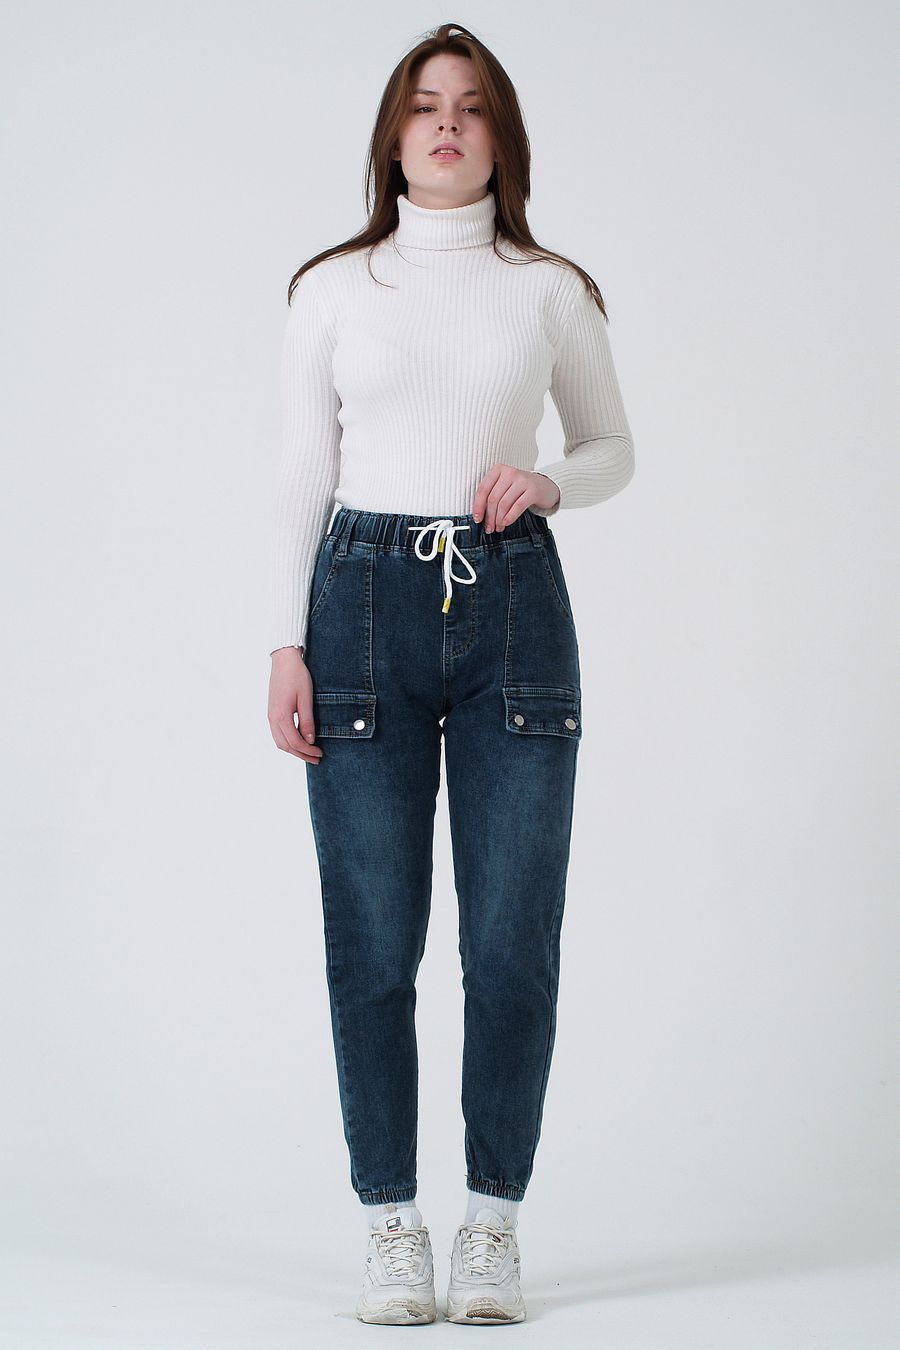 Джинсы женские K.Y Jeans 096 - фото 1